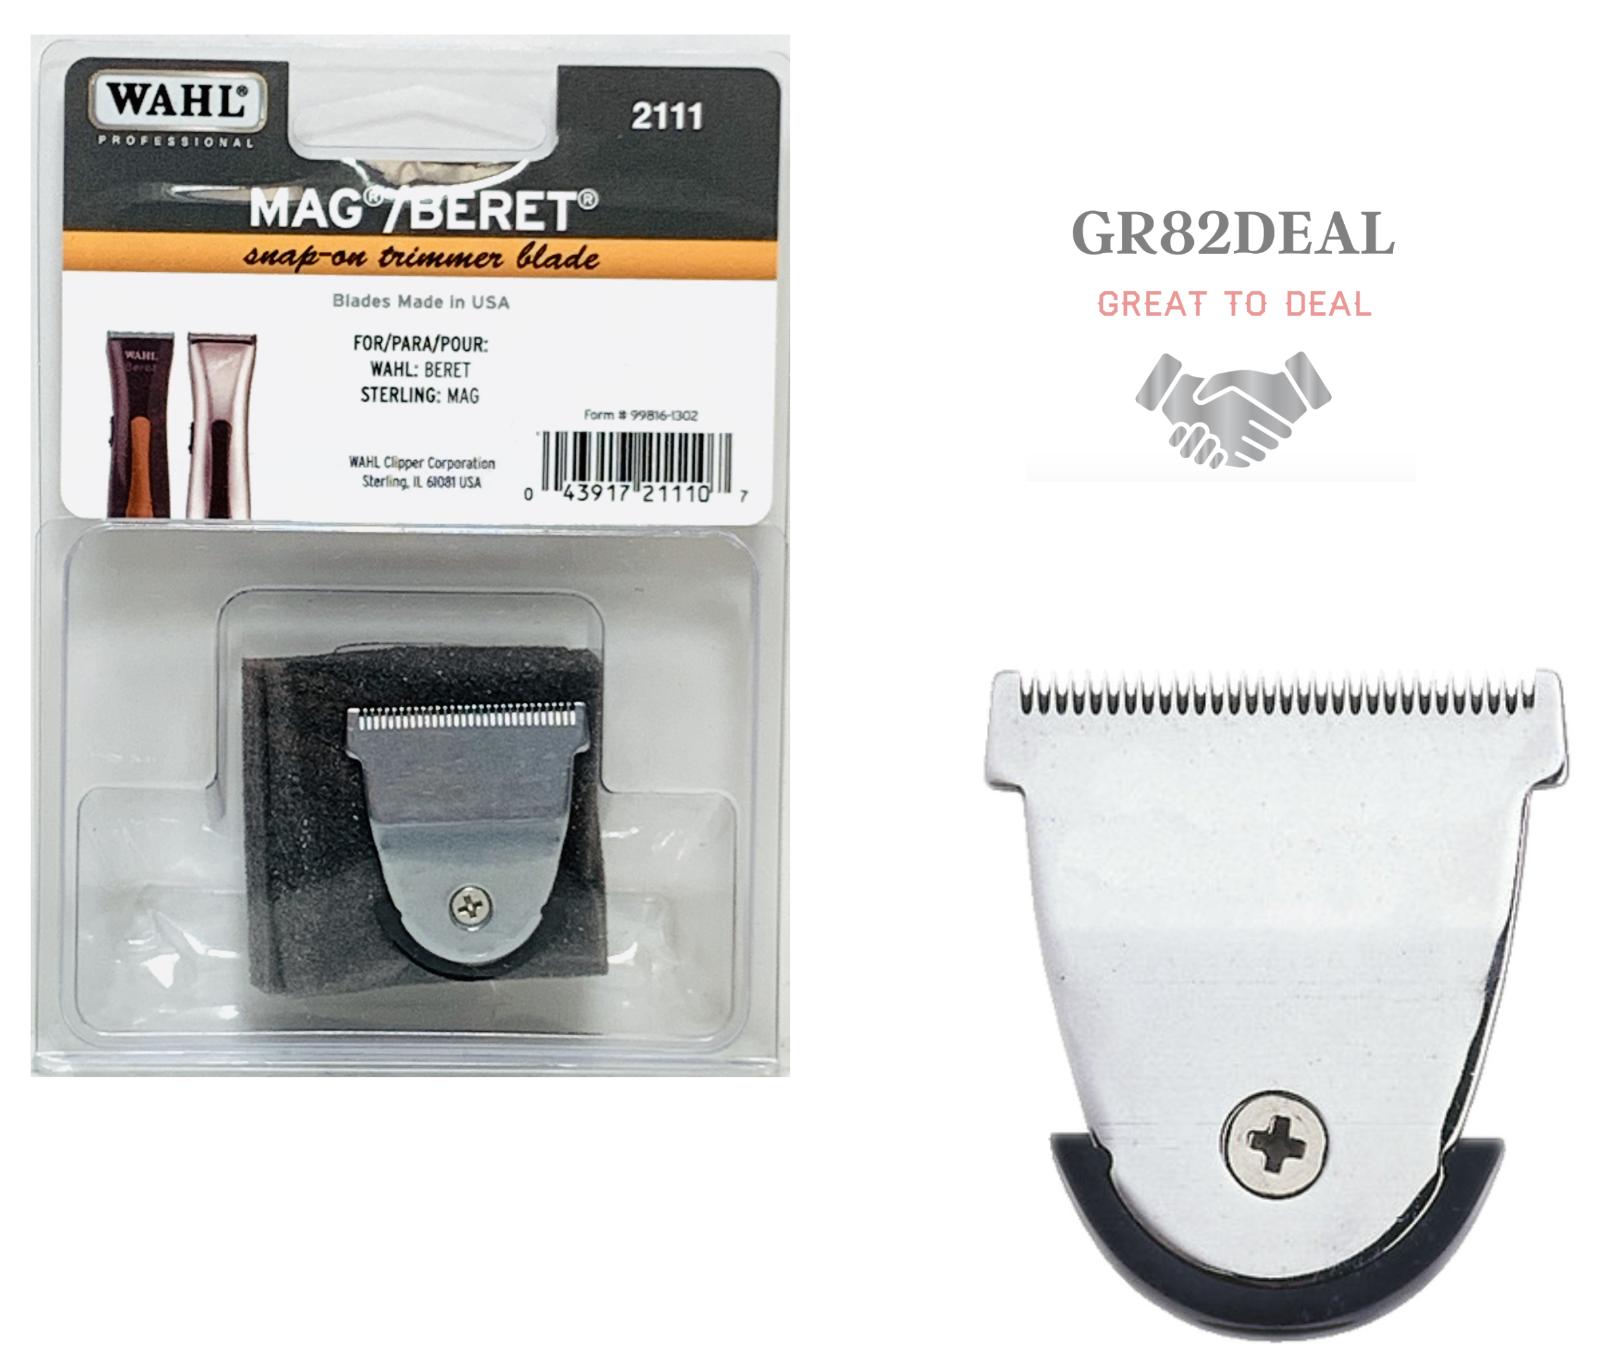 WAHL Professional Mag/Beret Standard Trimmer Blade